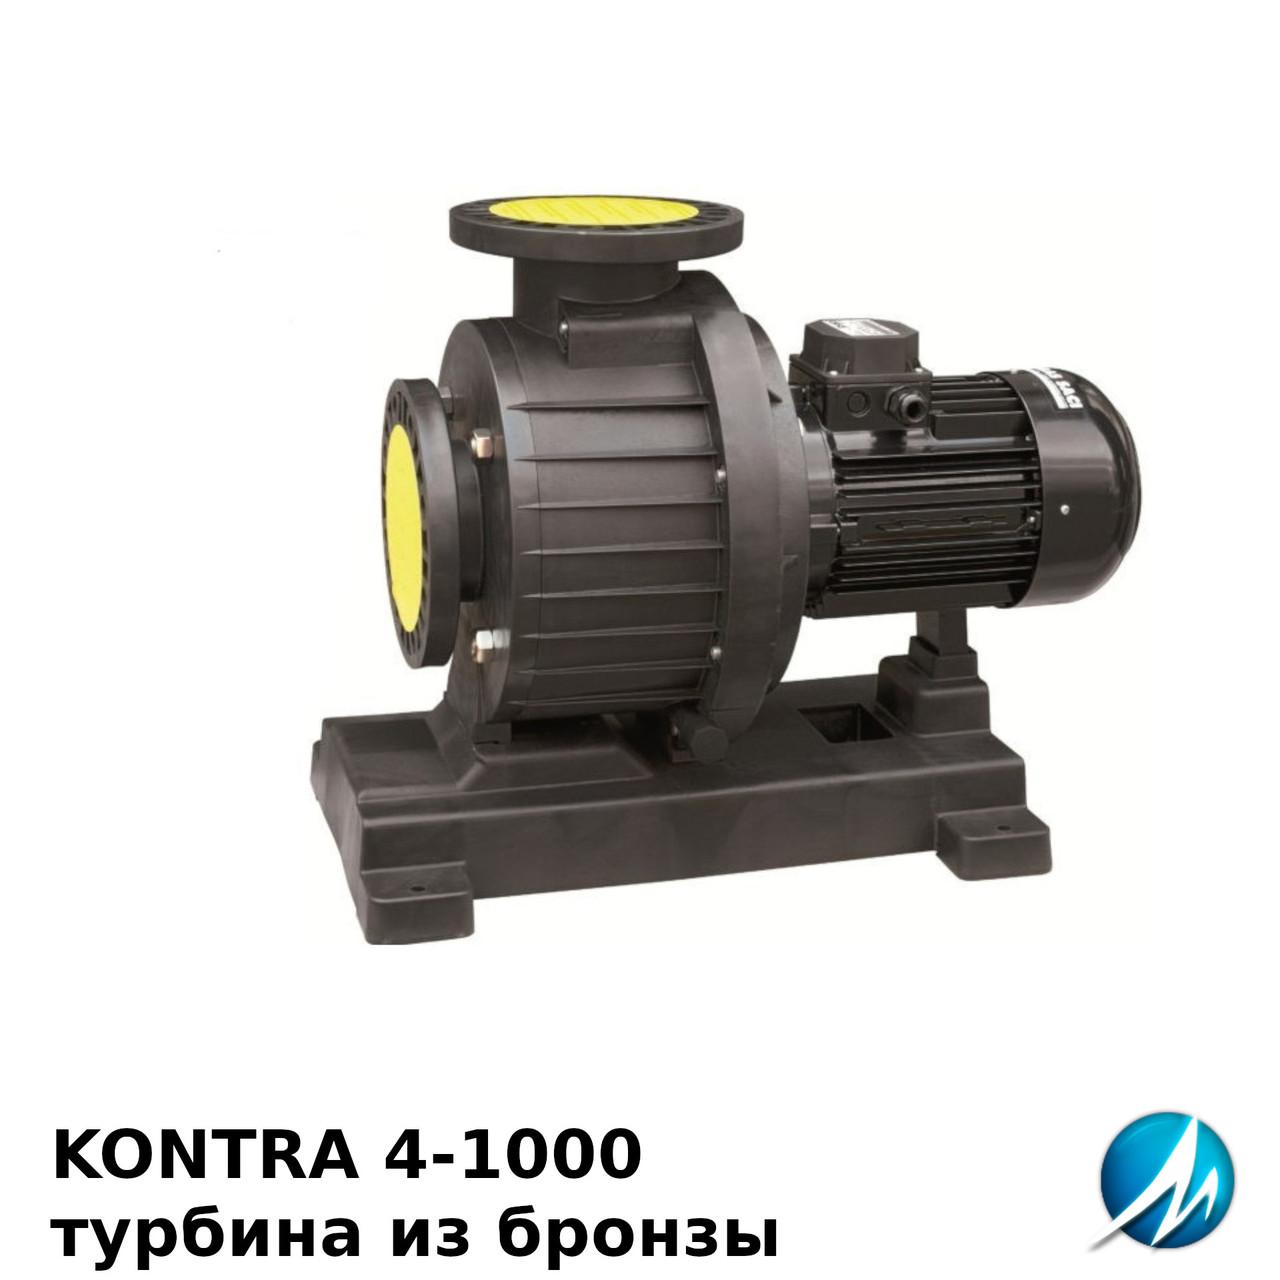 Насос Saci KONTRA 4-1000 (400 В, 126.0 м3/год) без передфільтру, бронзова турбіна